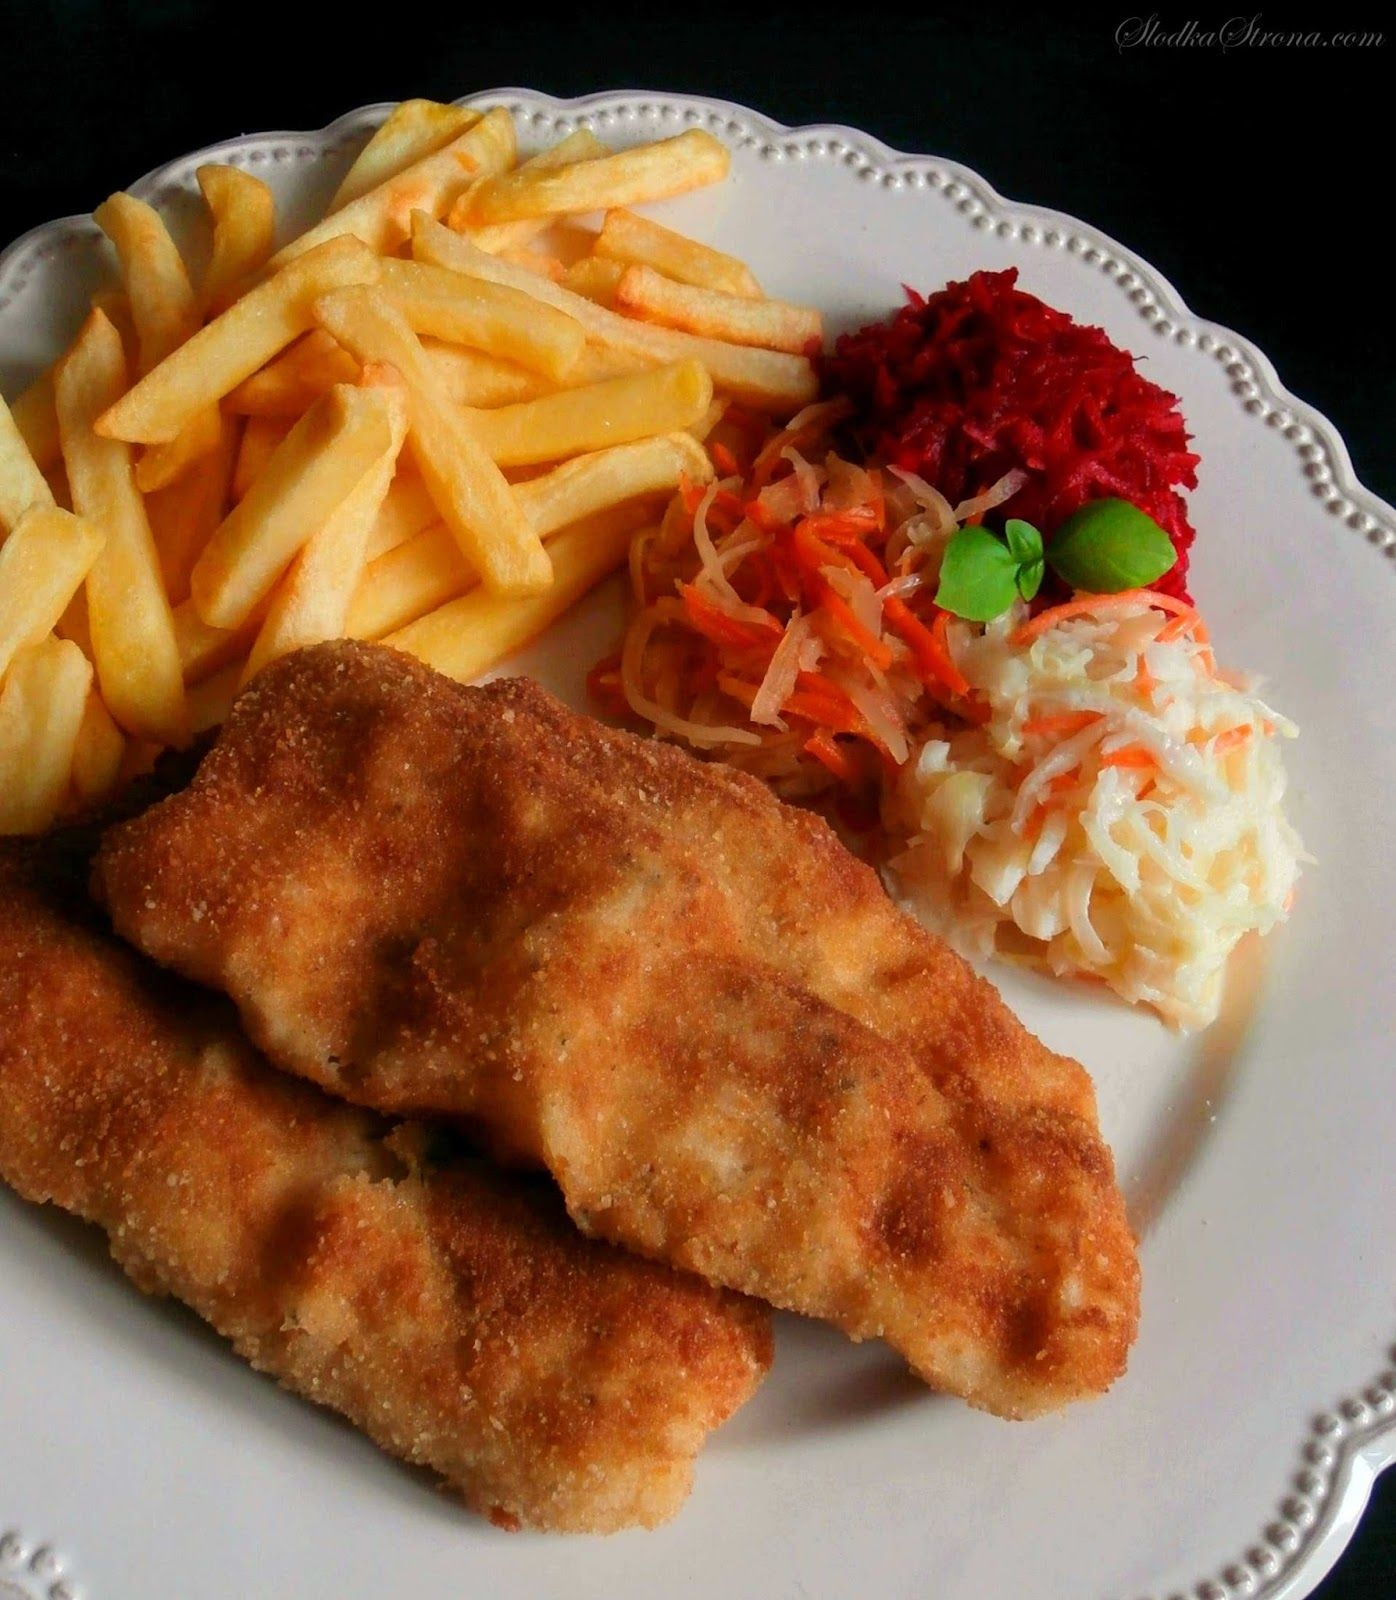 Tradycyjna Smazona Ryba W Chrupiacej Panierce Przepis Slodka Strona Culinary Recipes Recipes Food